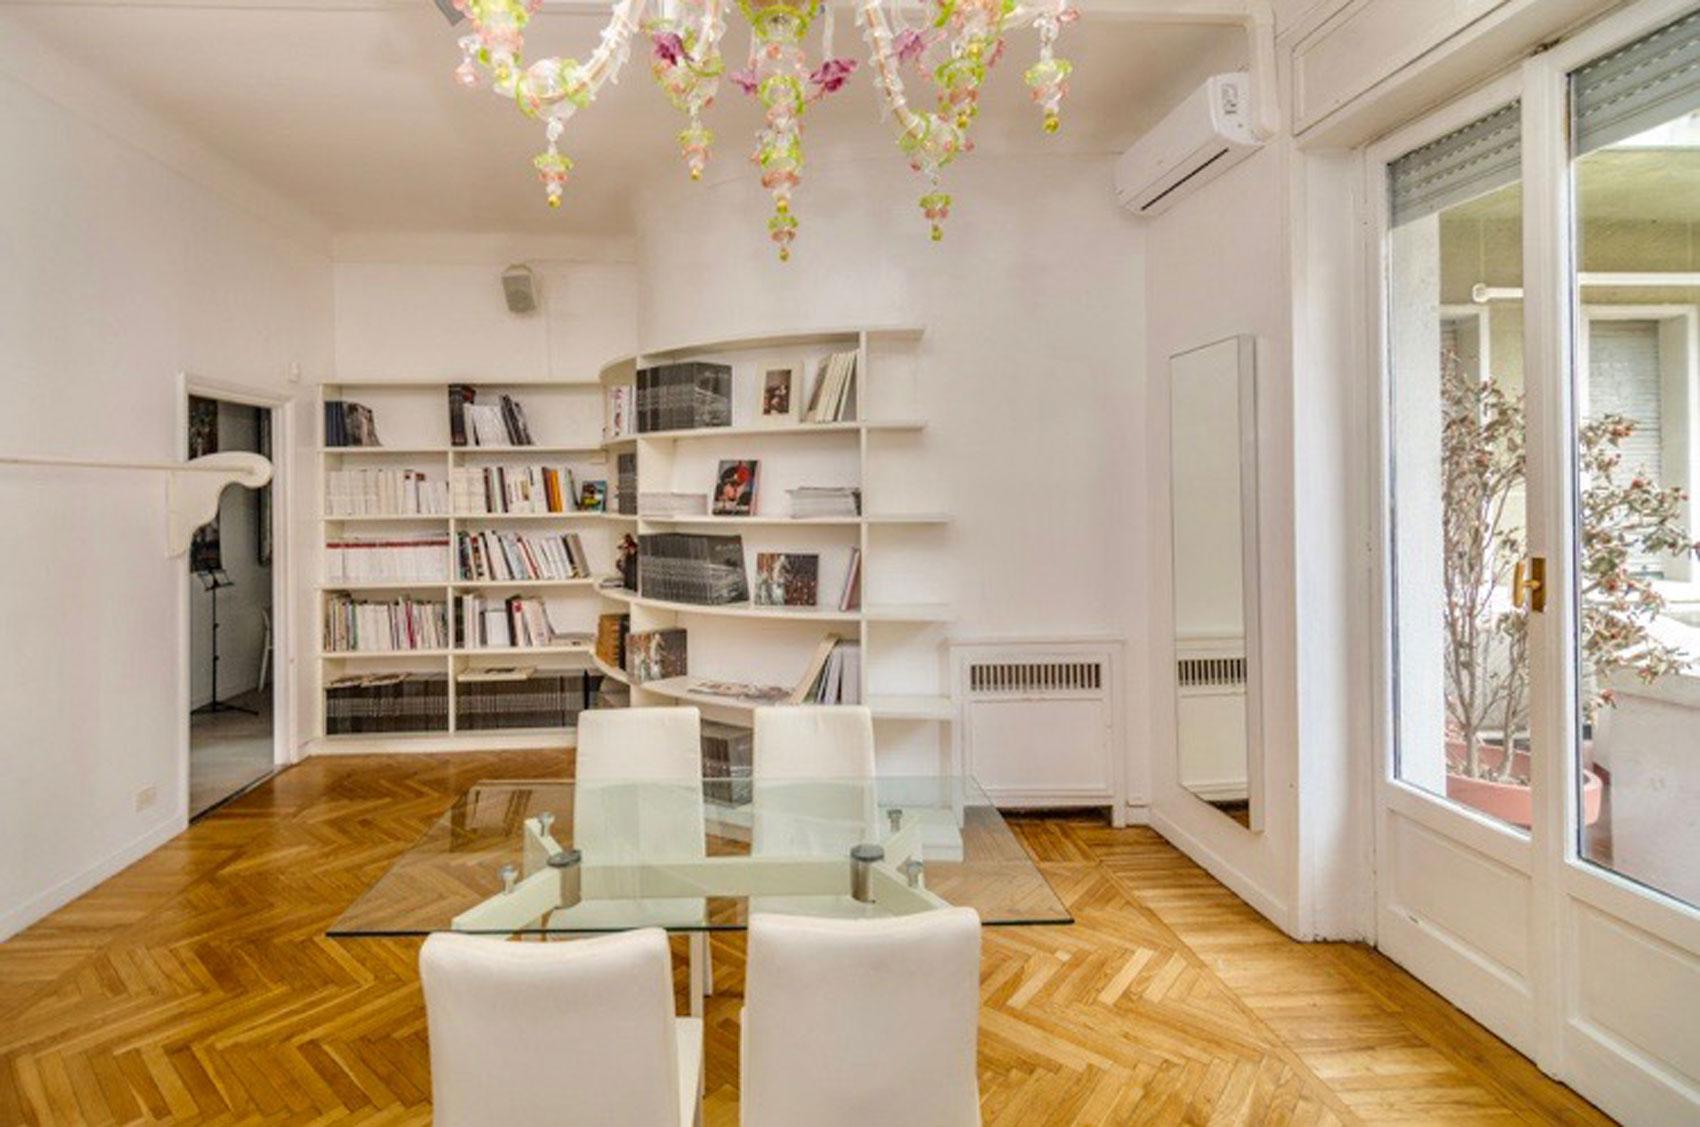 Monolocali In Vendita A Parigi scopri i nostri immobili di pregio a milano e nel mondo